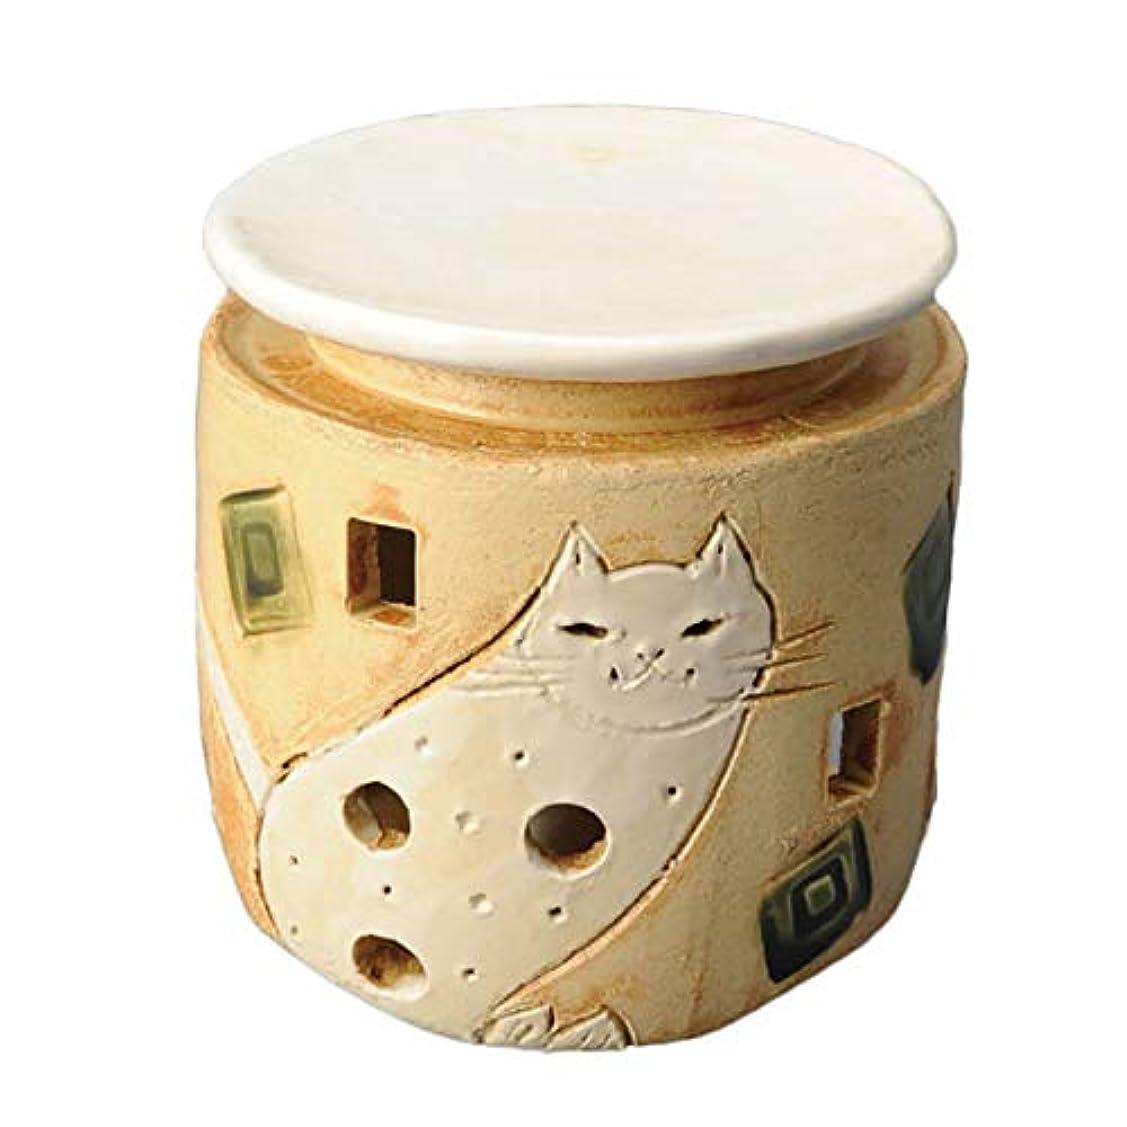 すすり泣き冷凍庫菊手造り 茶香炉/白猫 茶香炉/アロマ 癒やし リラックス インテリア 間接照明